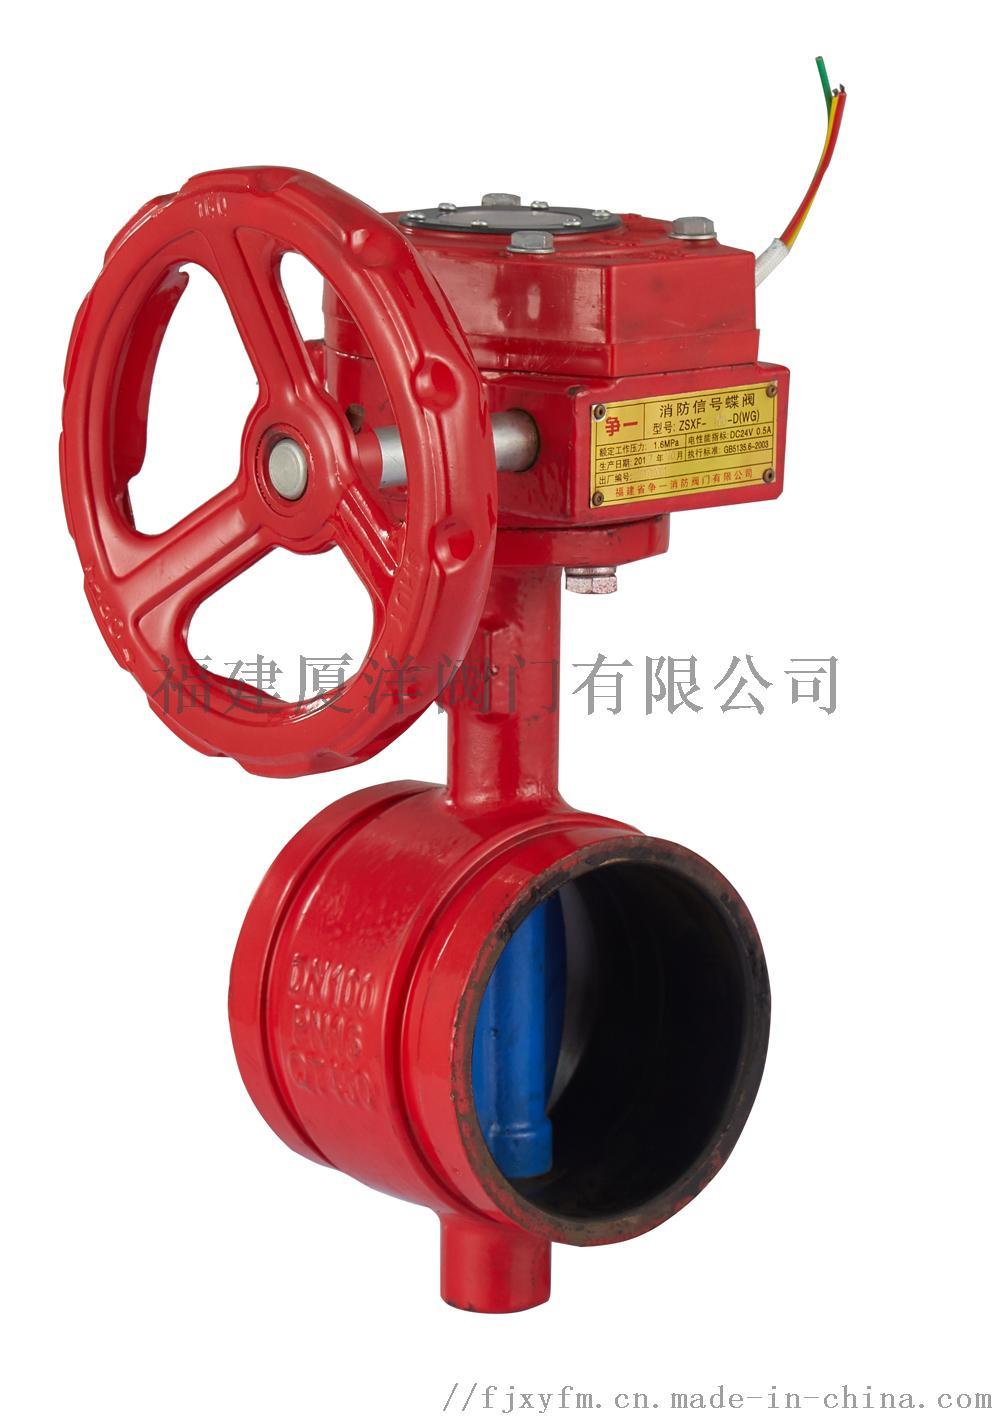 厦洋阀门 消防信号蝶阀(沟槽涡轮式))855176362